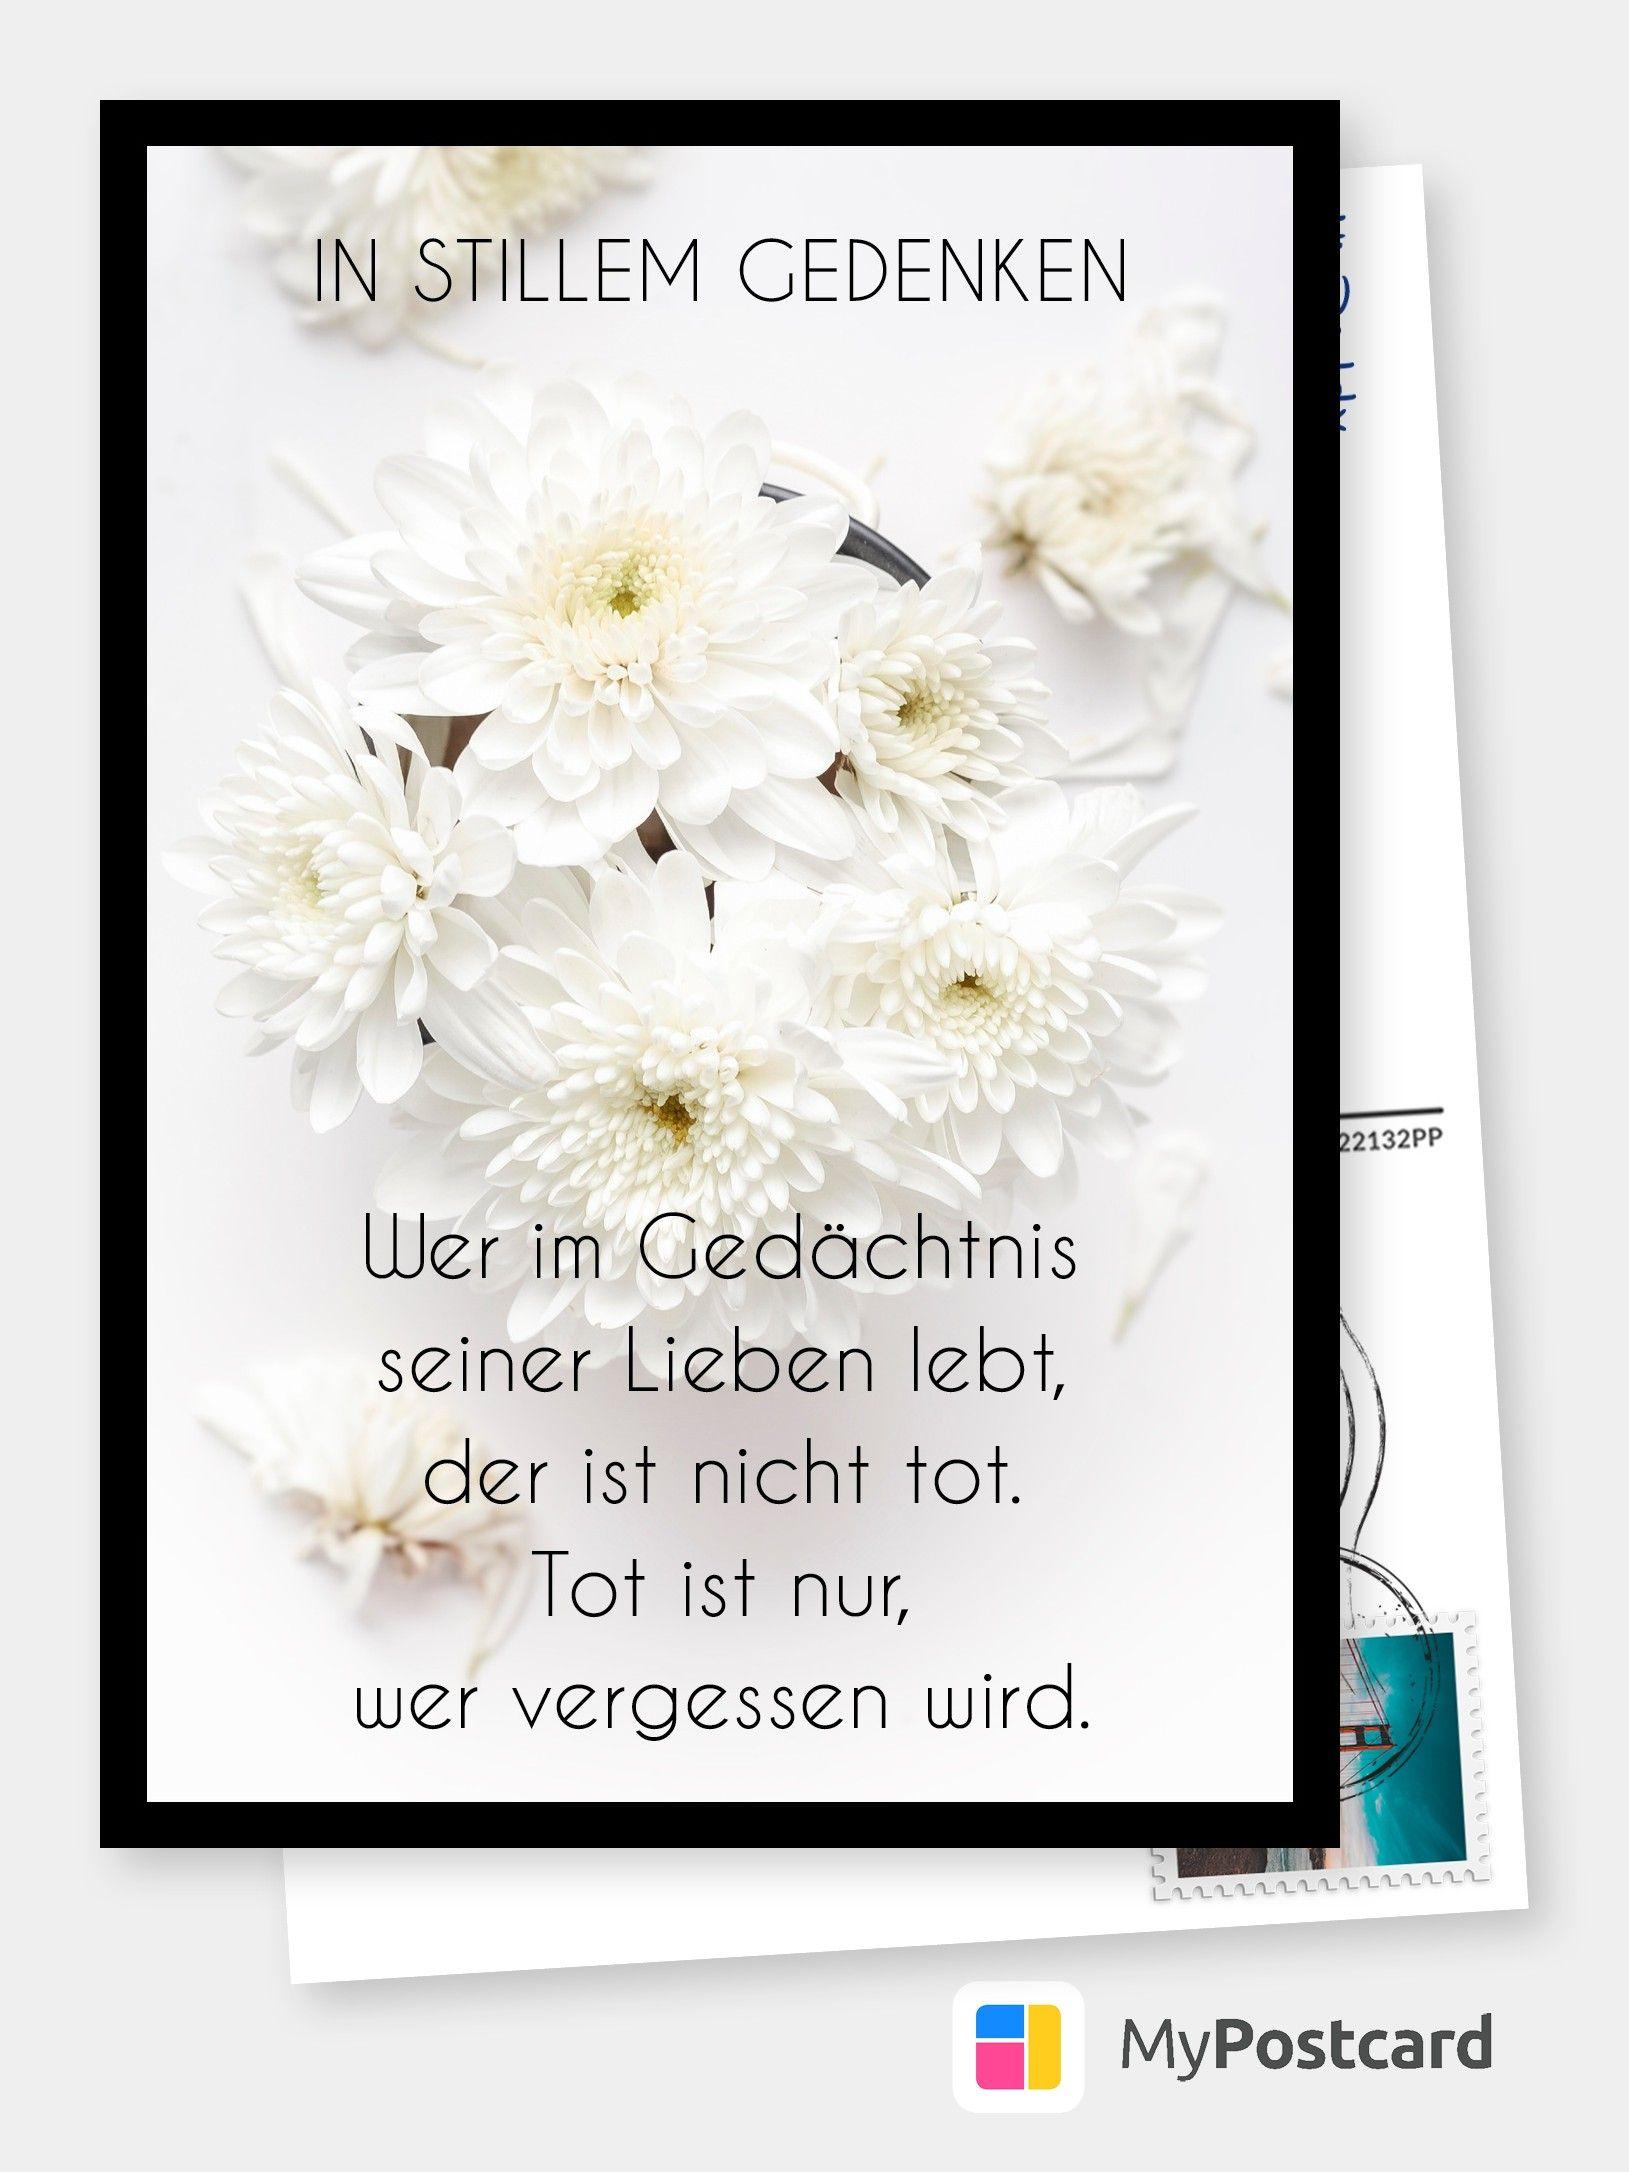 Im Gedächtnis seiner Lieben   Trauerkarten 😔💌   Echte Postkarten ...